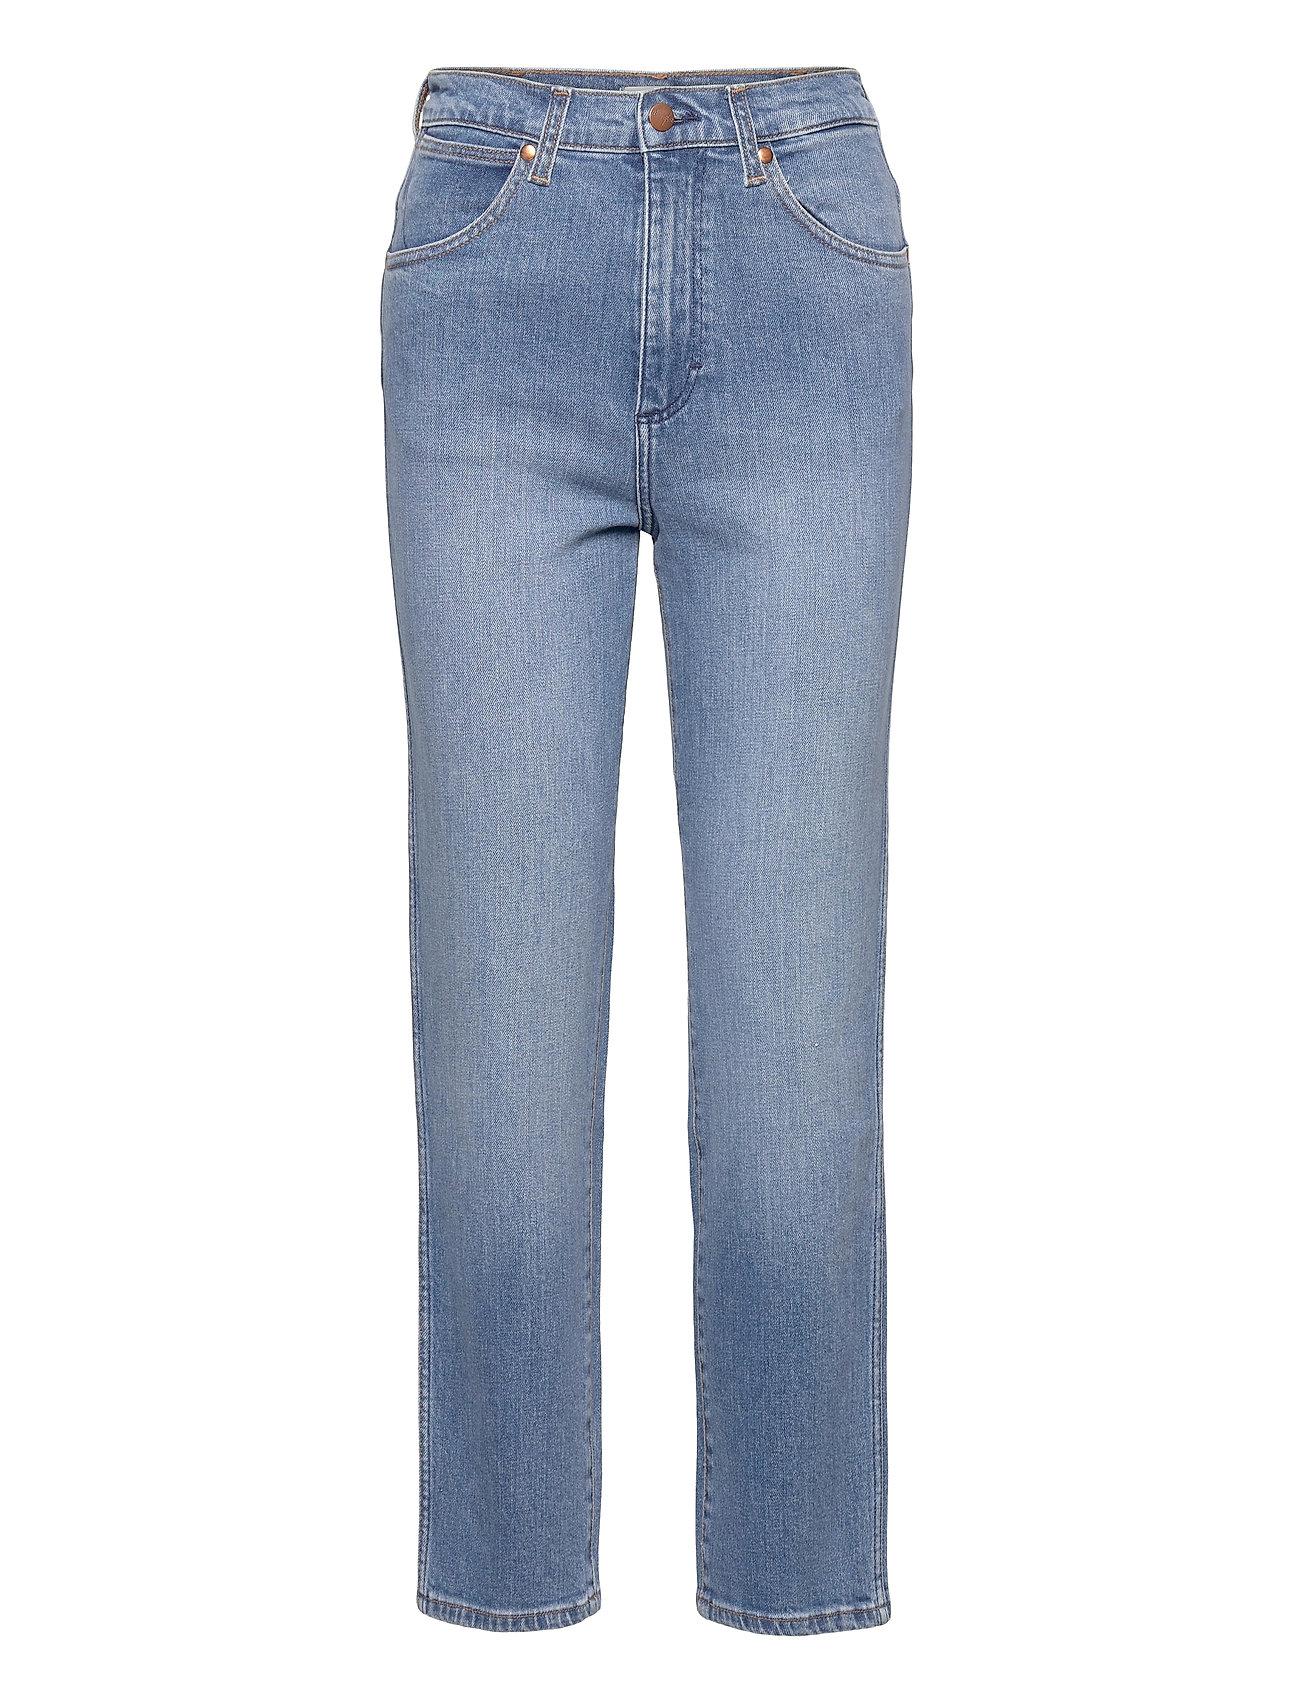 Image of Wild West Lige Jeans Blå Wrangler (3494838859)